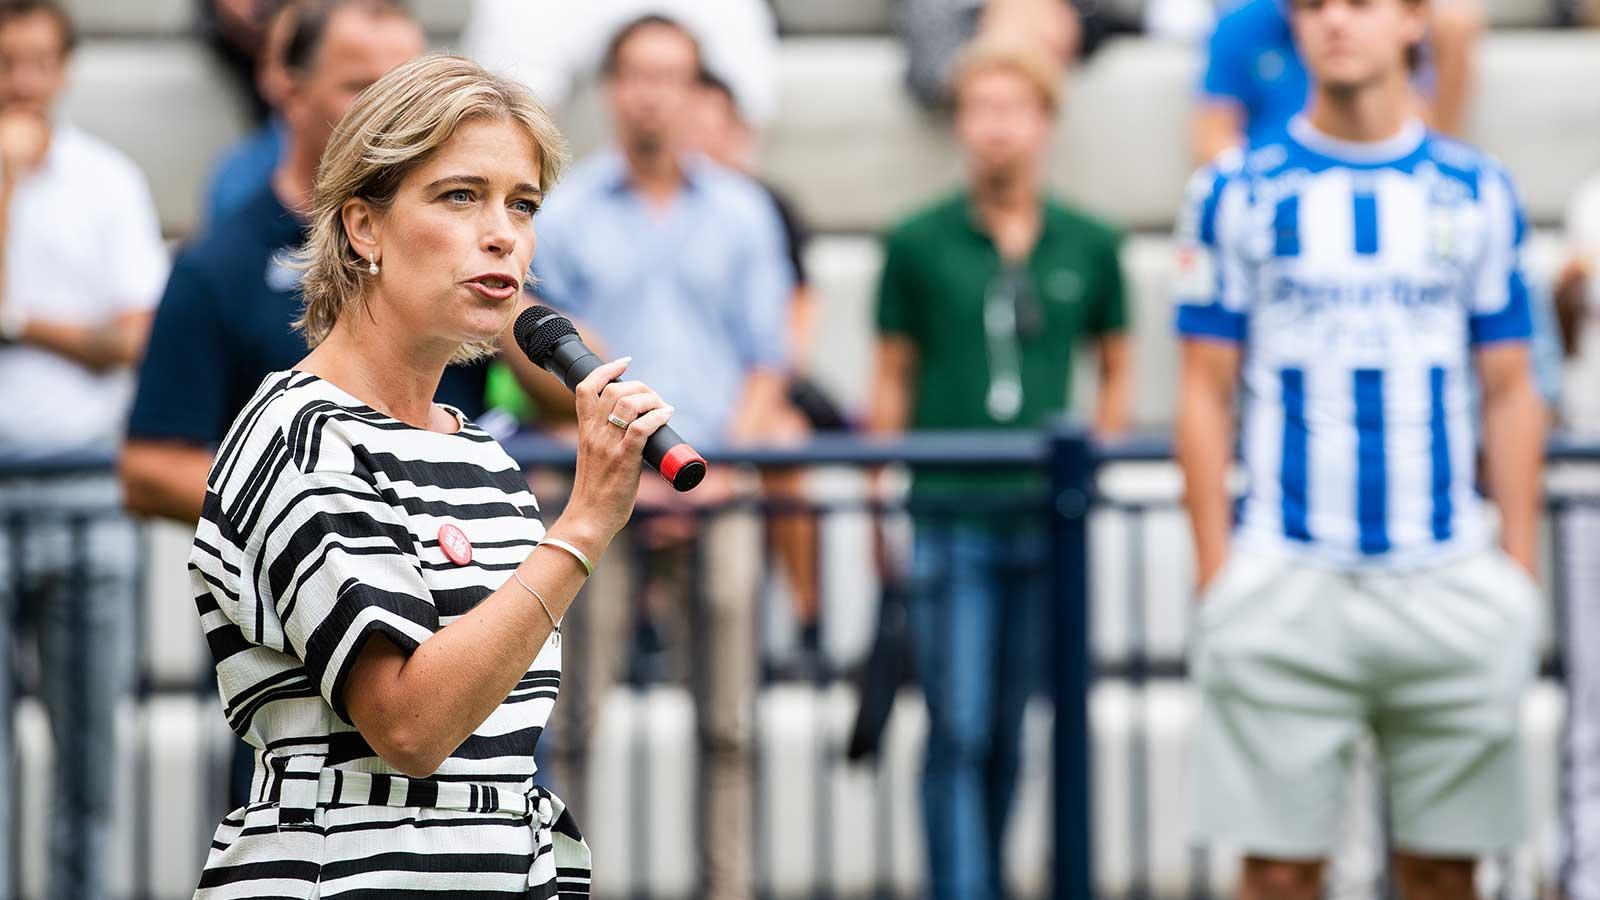 """180808 Social- och idrottsminister Annika Strandhäll talar under invigningen av den första fotbollsplanen i """"Planer för Framtiden"""" den 8 augusti 2018 i Göteborg."""